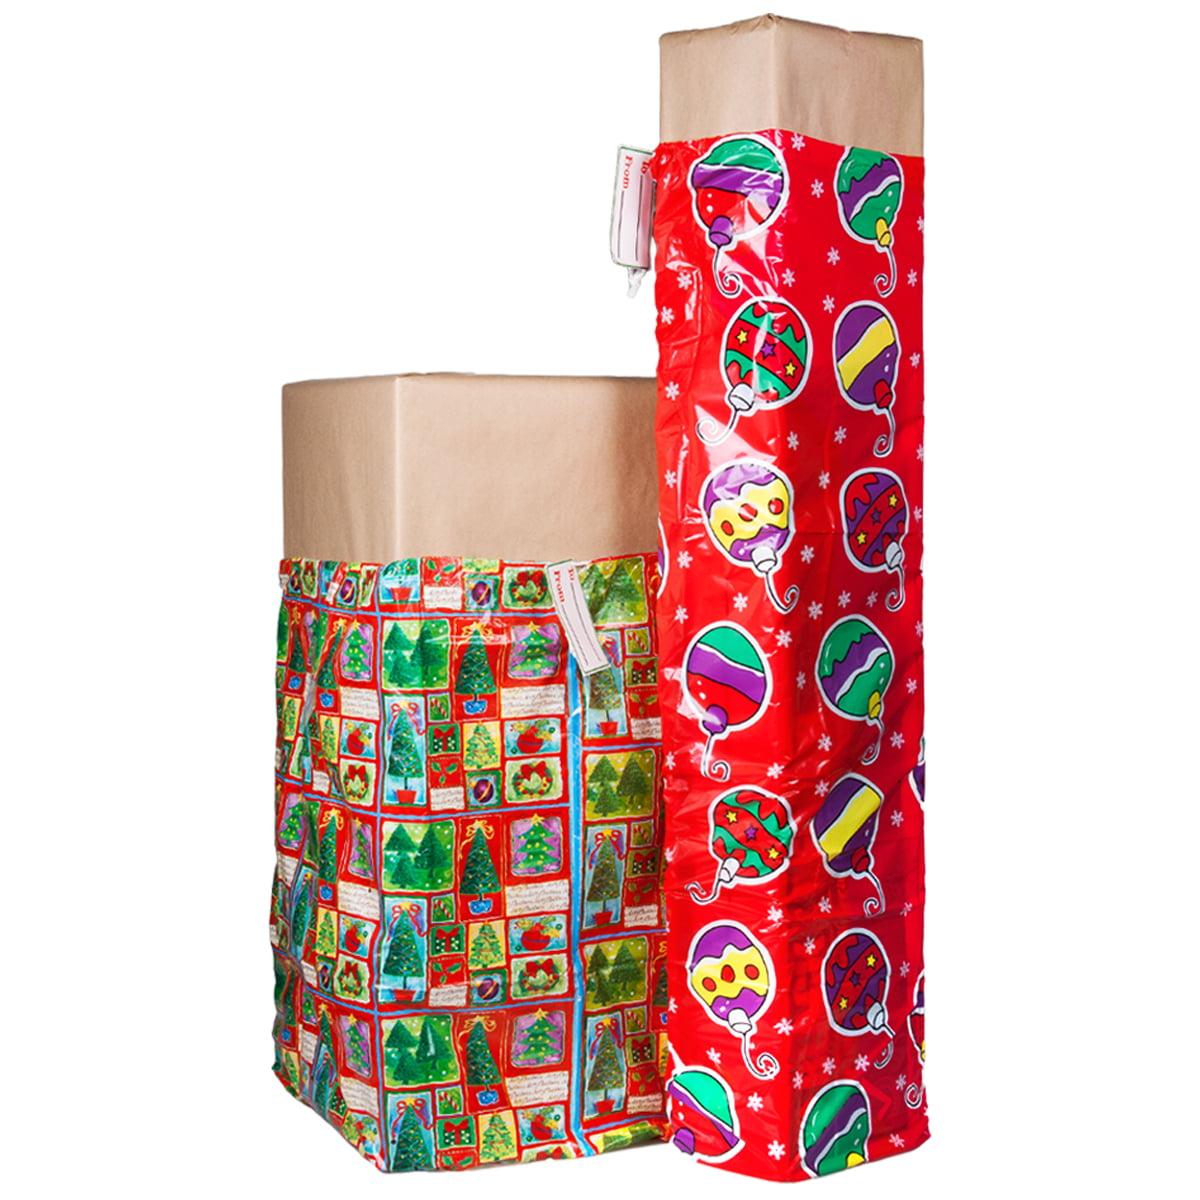 2 xl christmas holiday gift bags for big presents set tags lot jumbo large bulk walmartcom